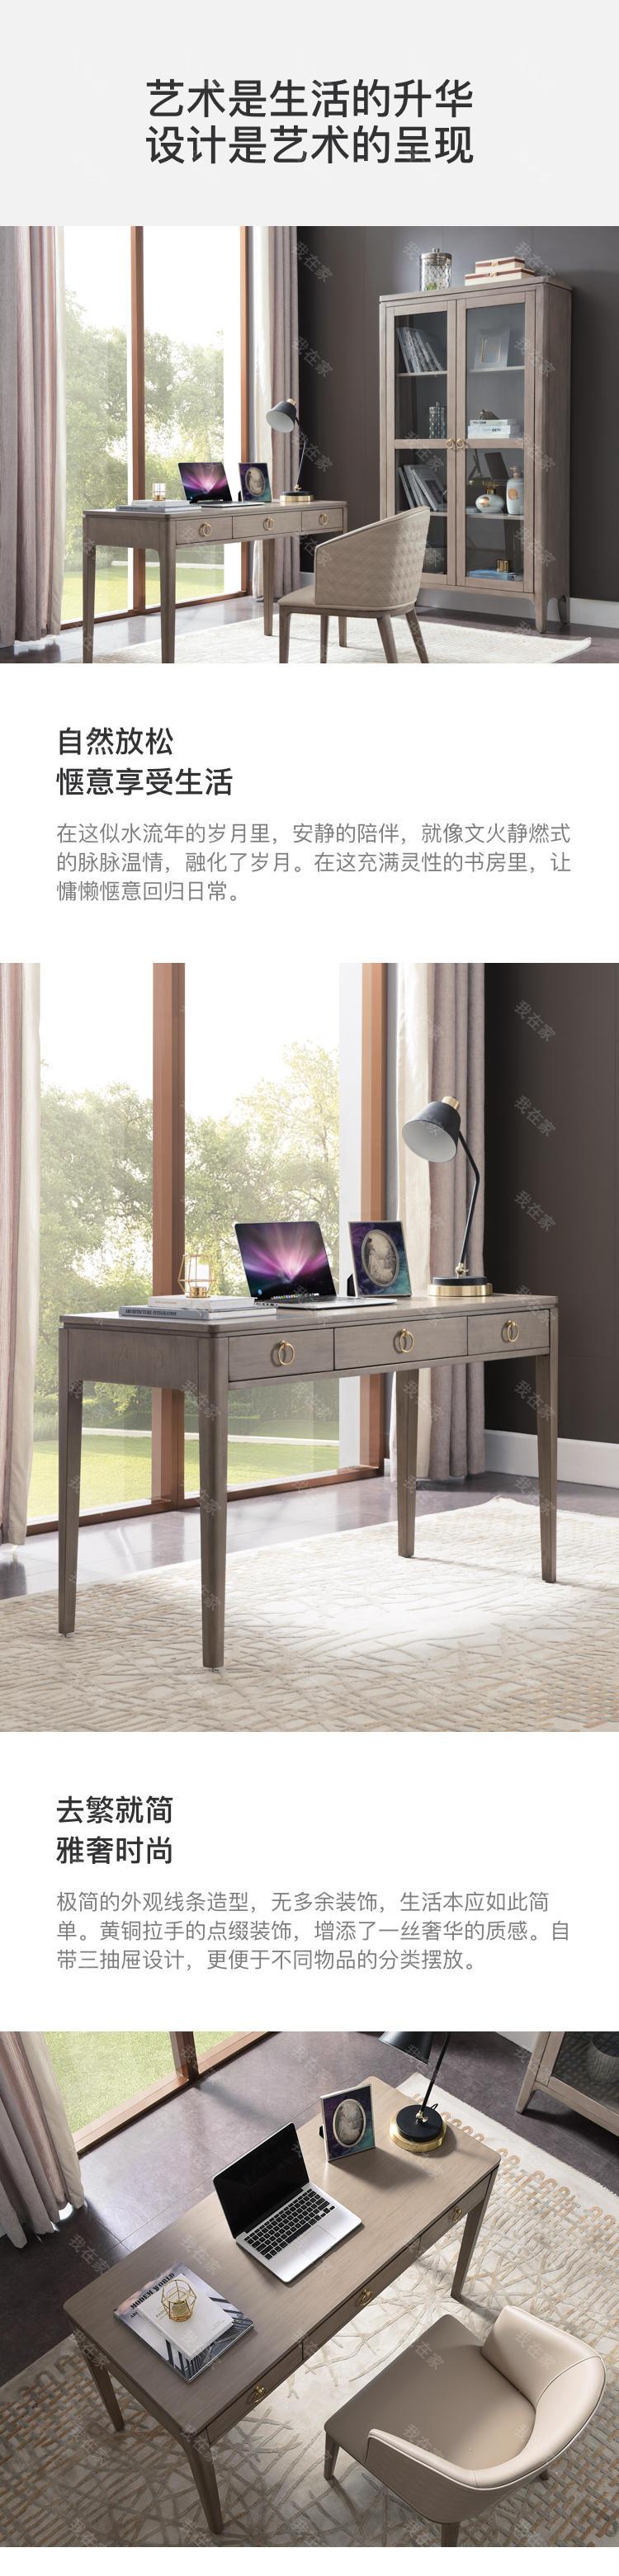 现代美式风格休斯顿书桌的家具详细介绍